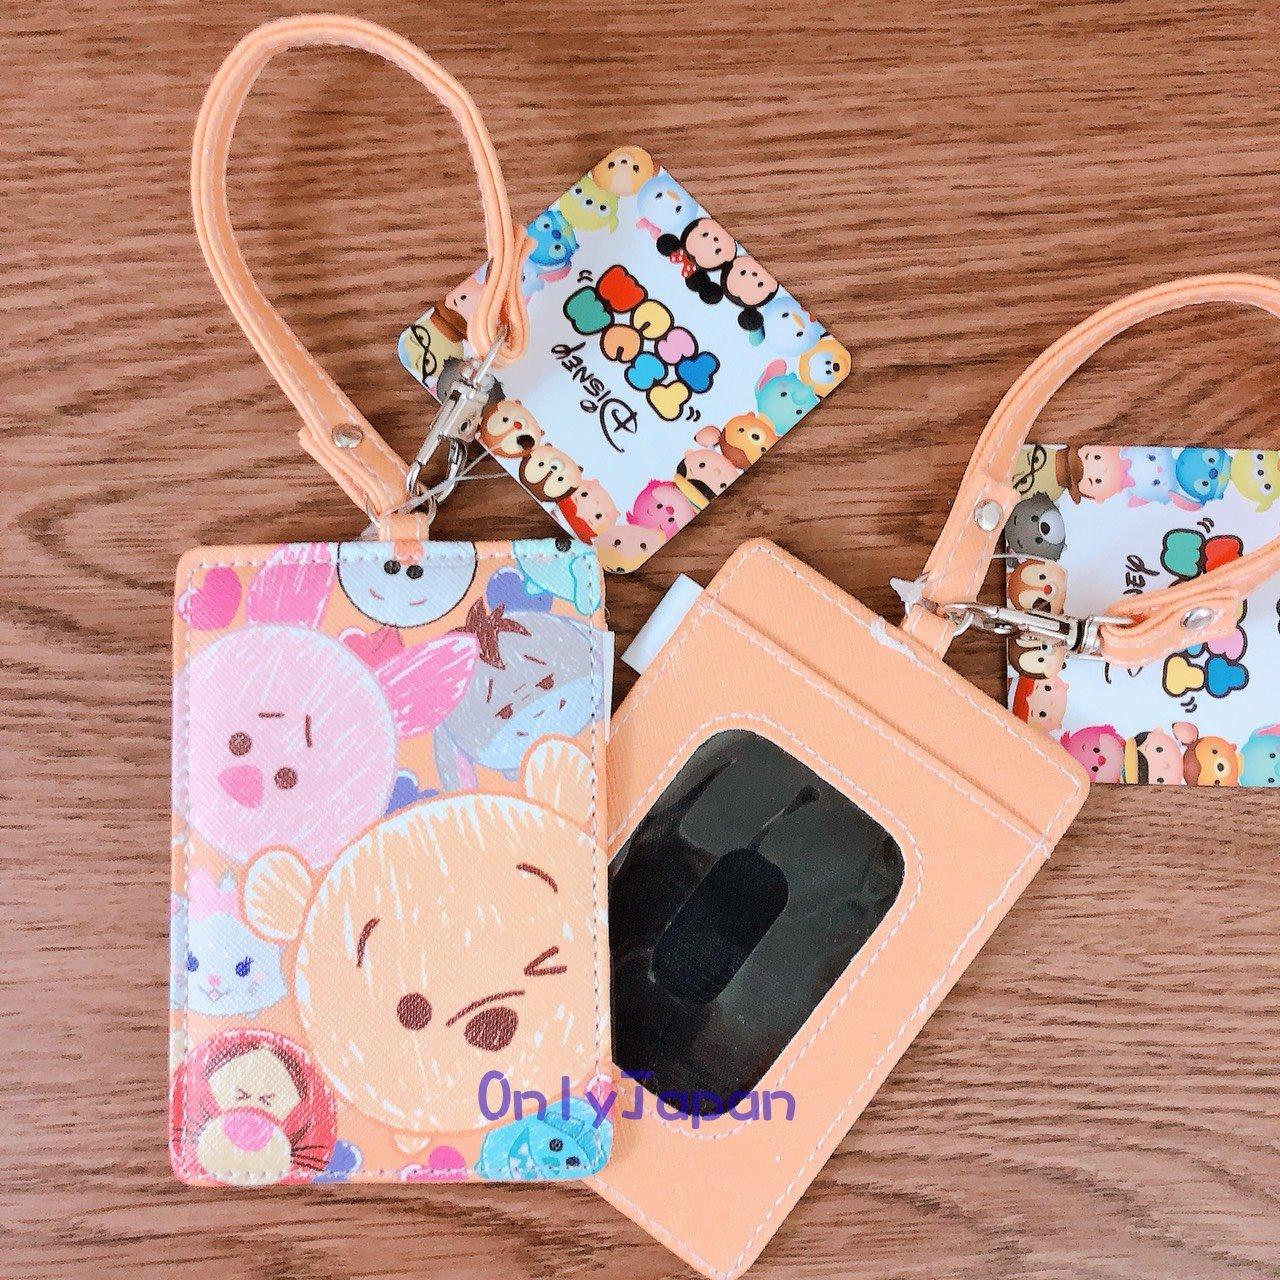 【真愛日本】18030900028 斜紋皮革票卡夾-TSUM畫筆人物橘 小熊維尼 小豬 票卡夾 卡片套 tsum